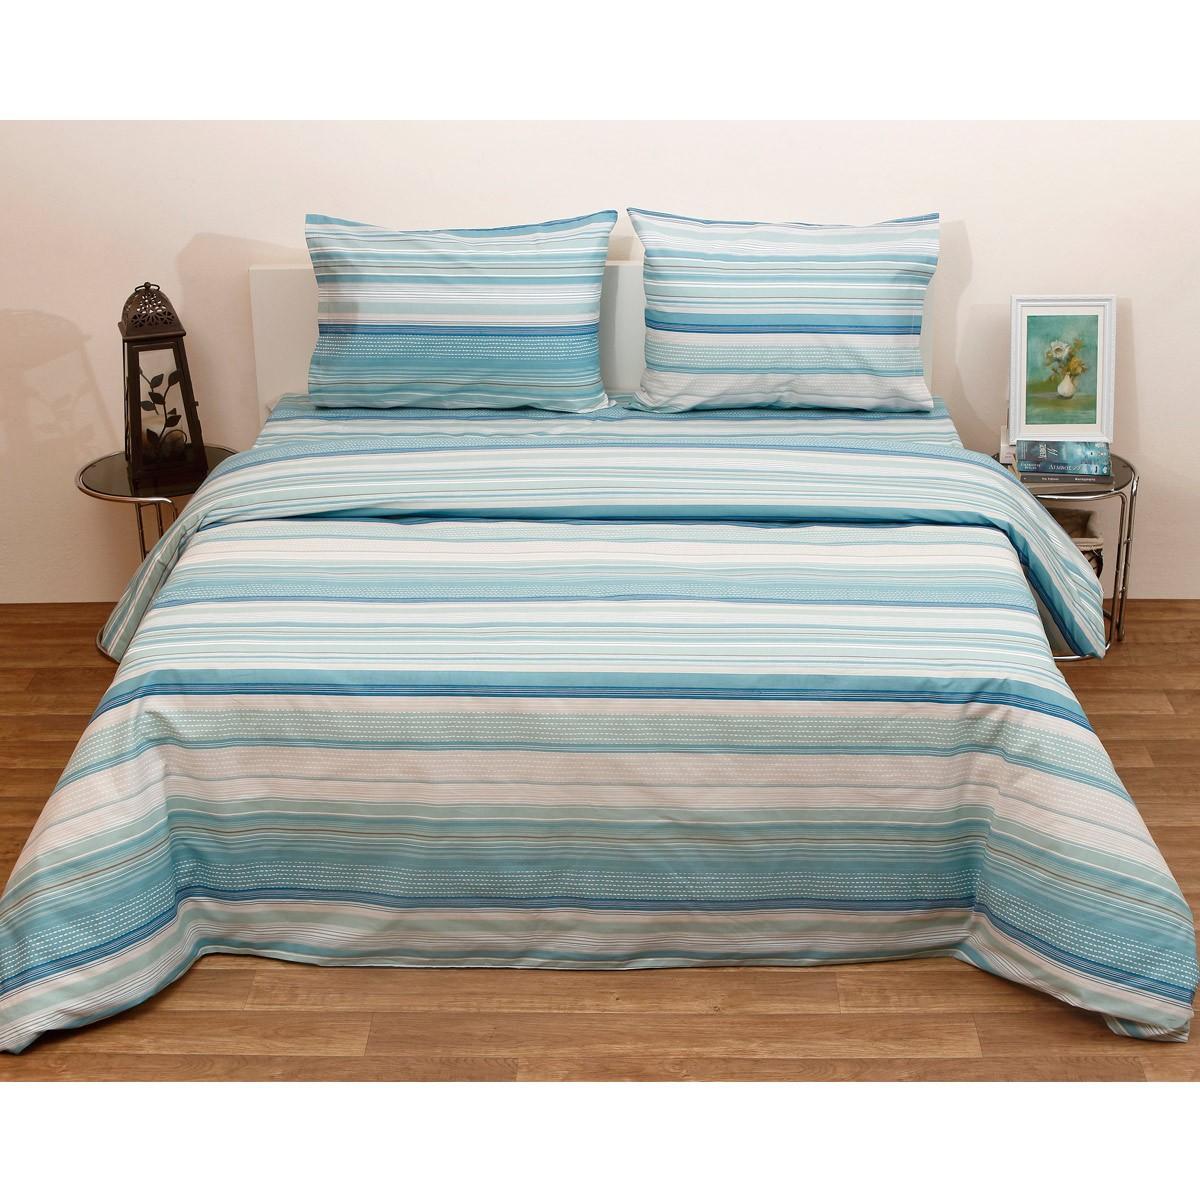 Κουβερλί Μονό (Σετ) Viopros Fresh Γκρέυ Πετρόλ home   κρεβατοκάμαρα   κουβερλί   κουβερλί μονά